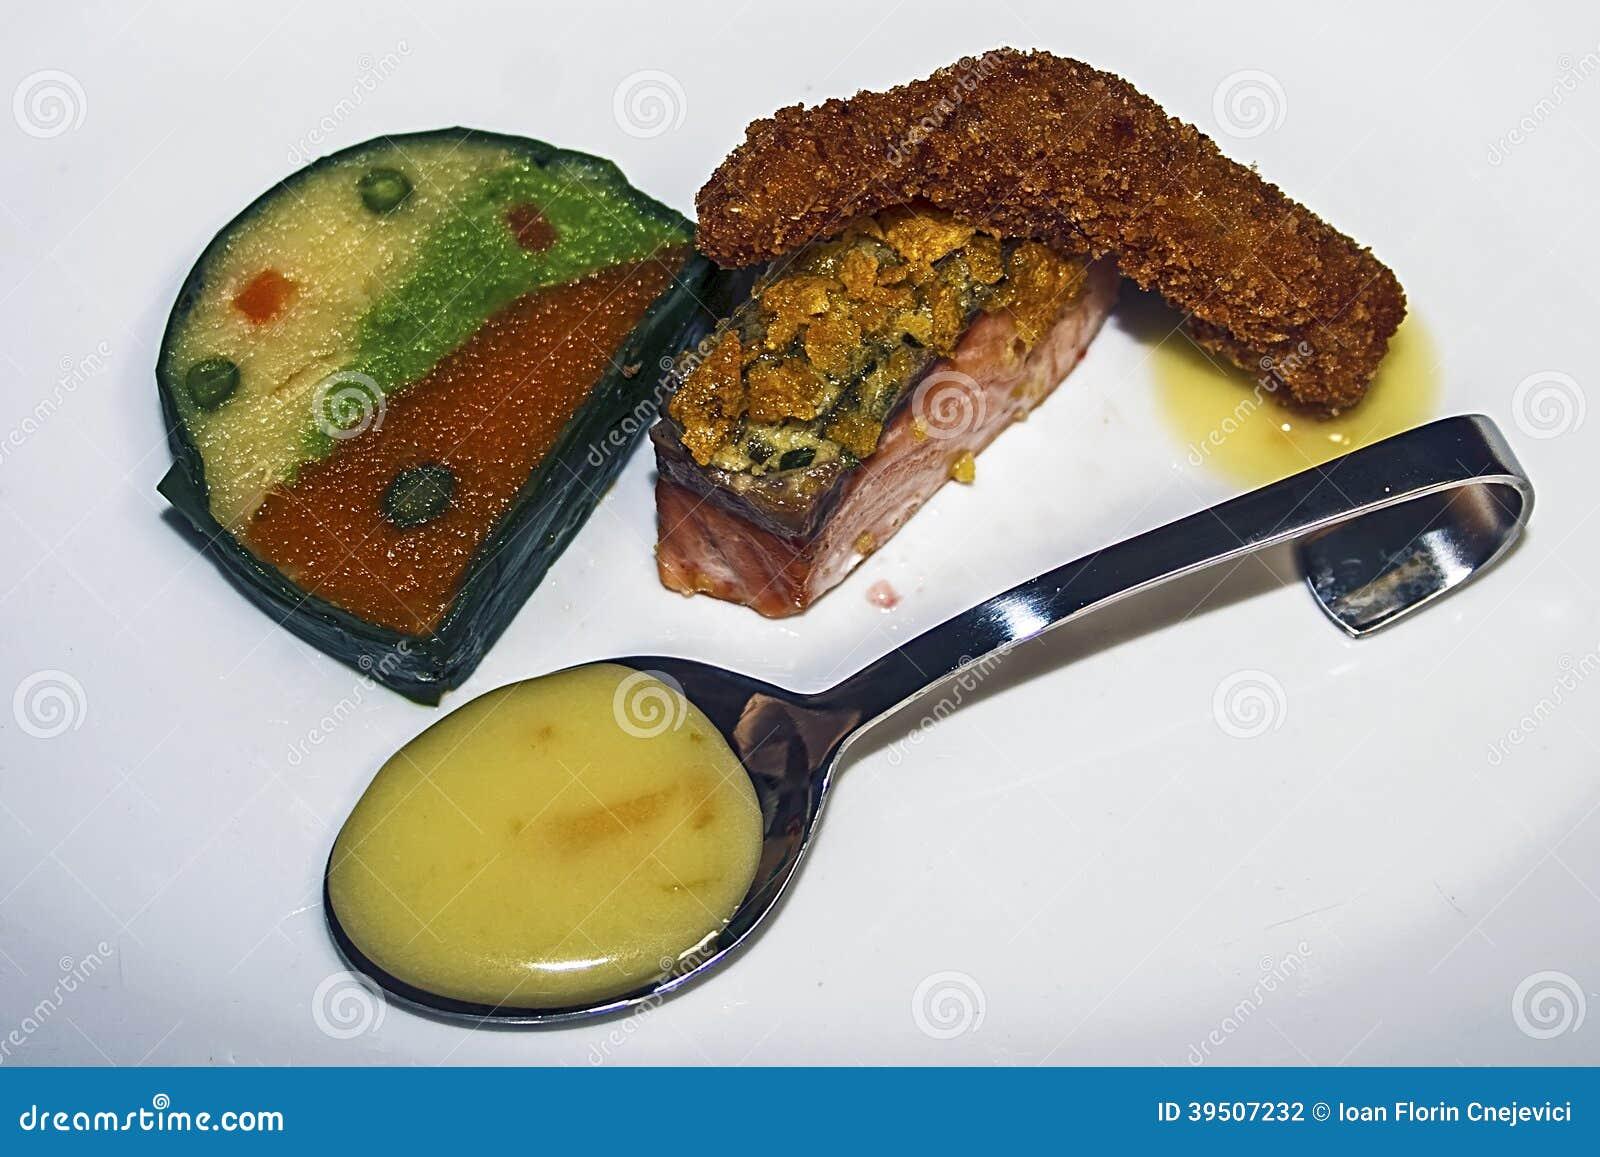 Arrangement of food 29